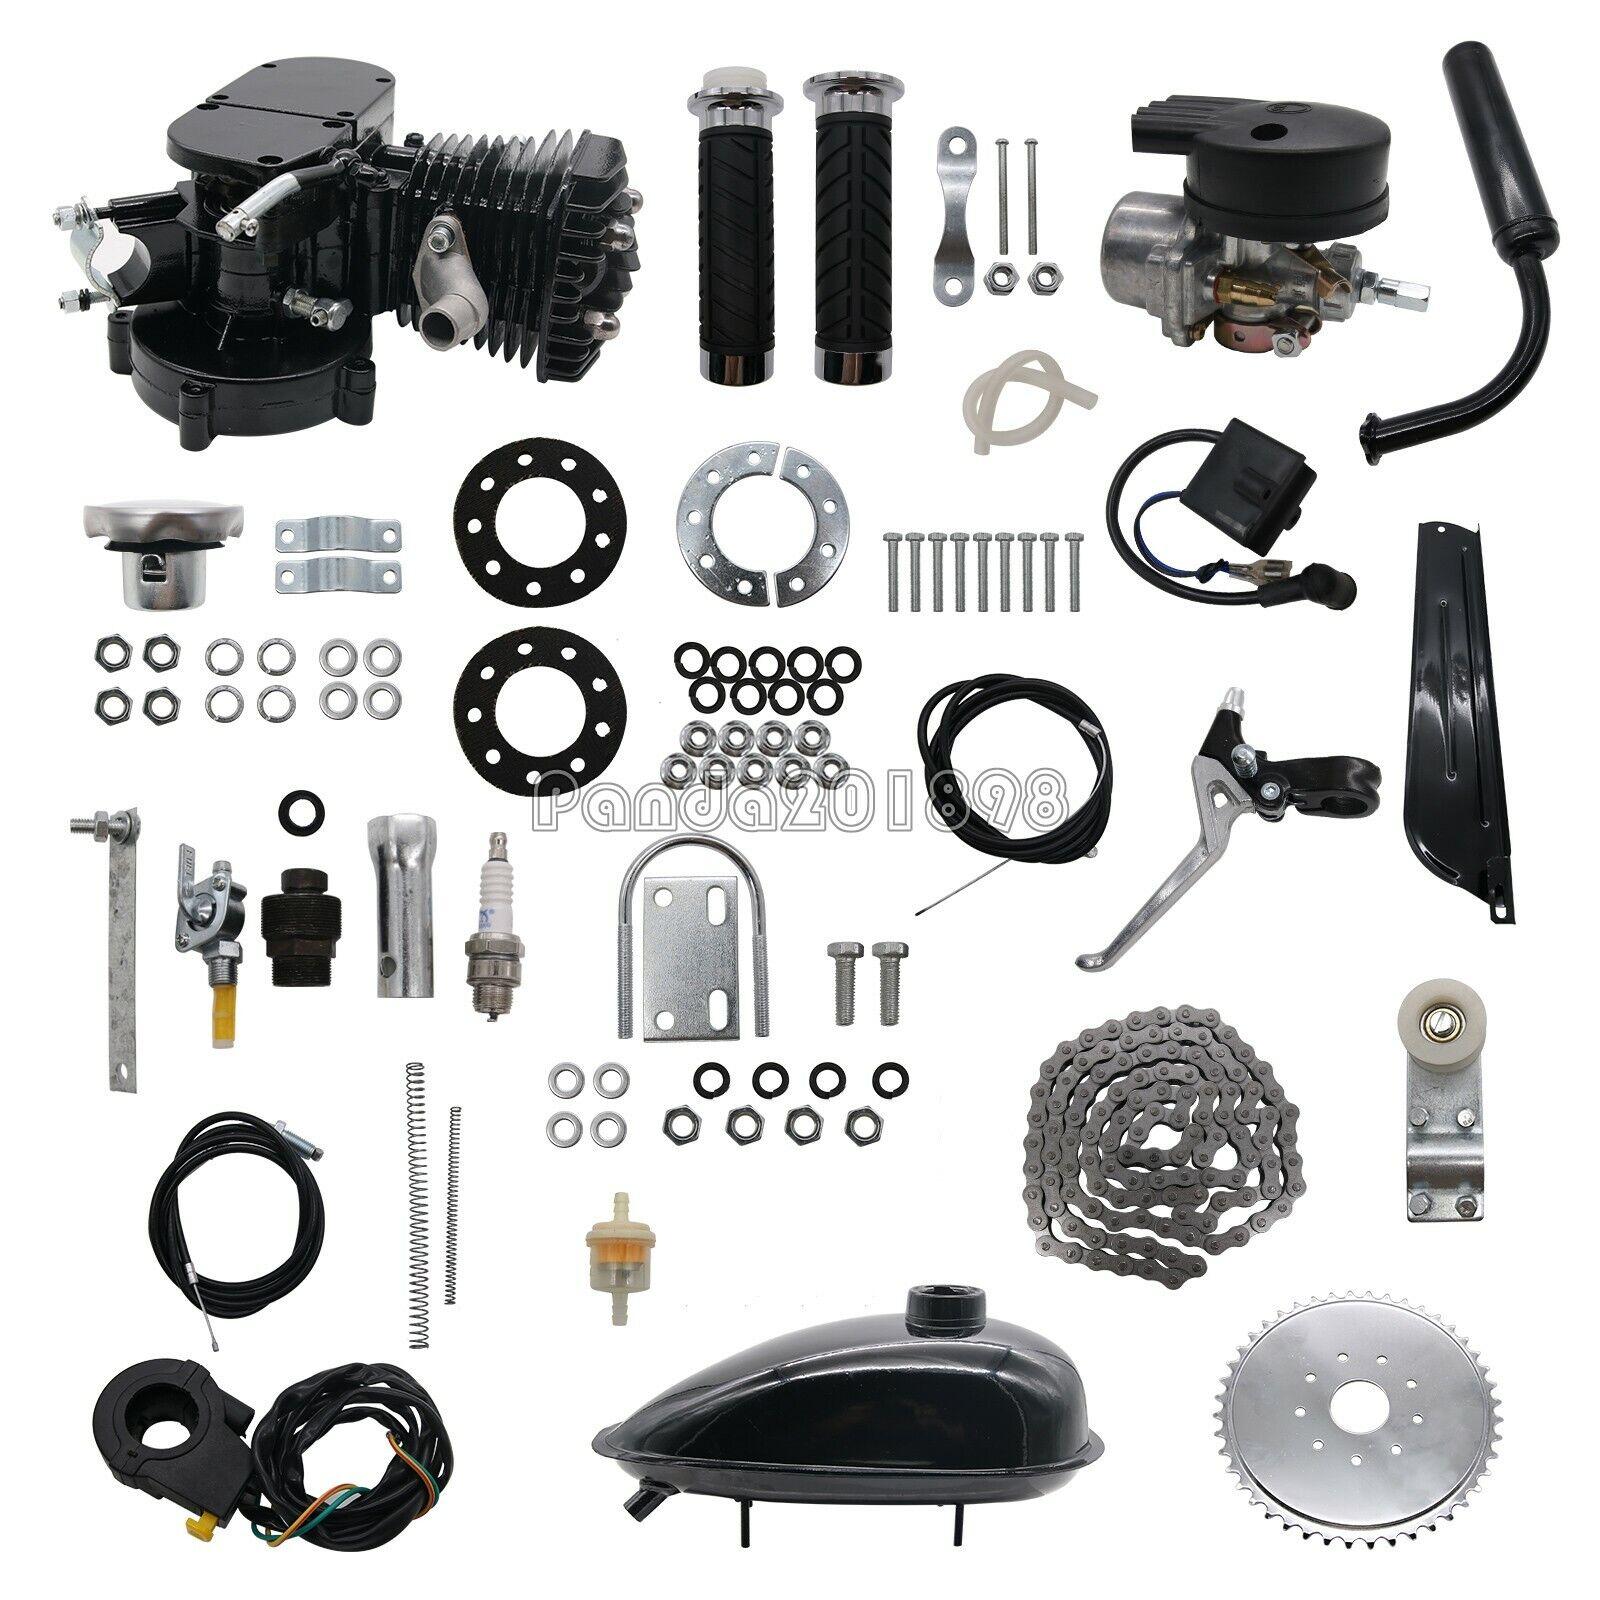 80cc Engine motor kit 2-stroke gas engine for DIY Motorized Bicycle bike uk1898